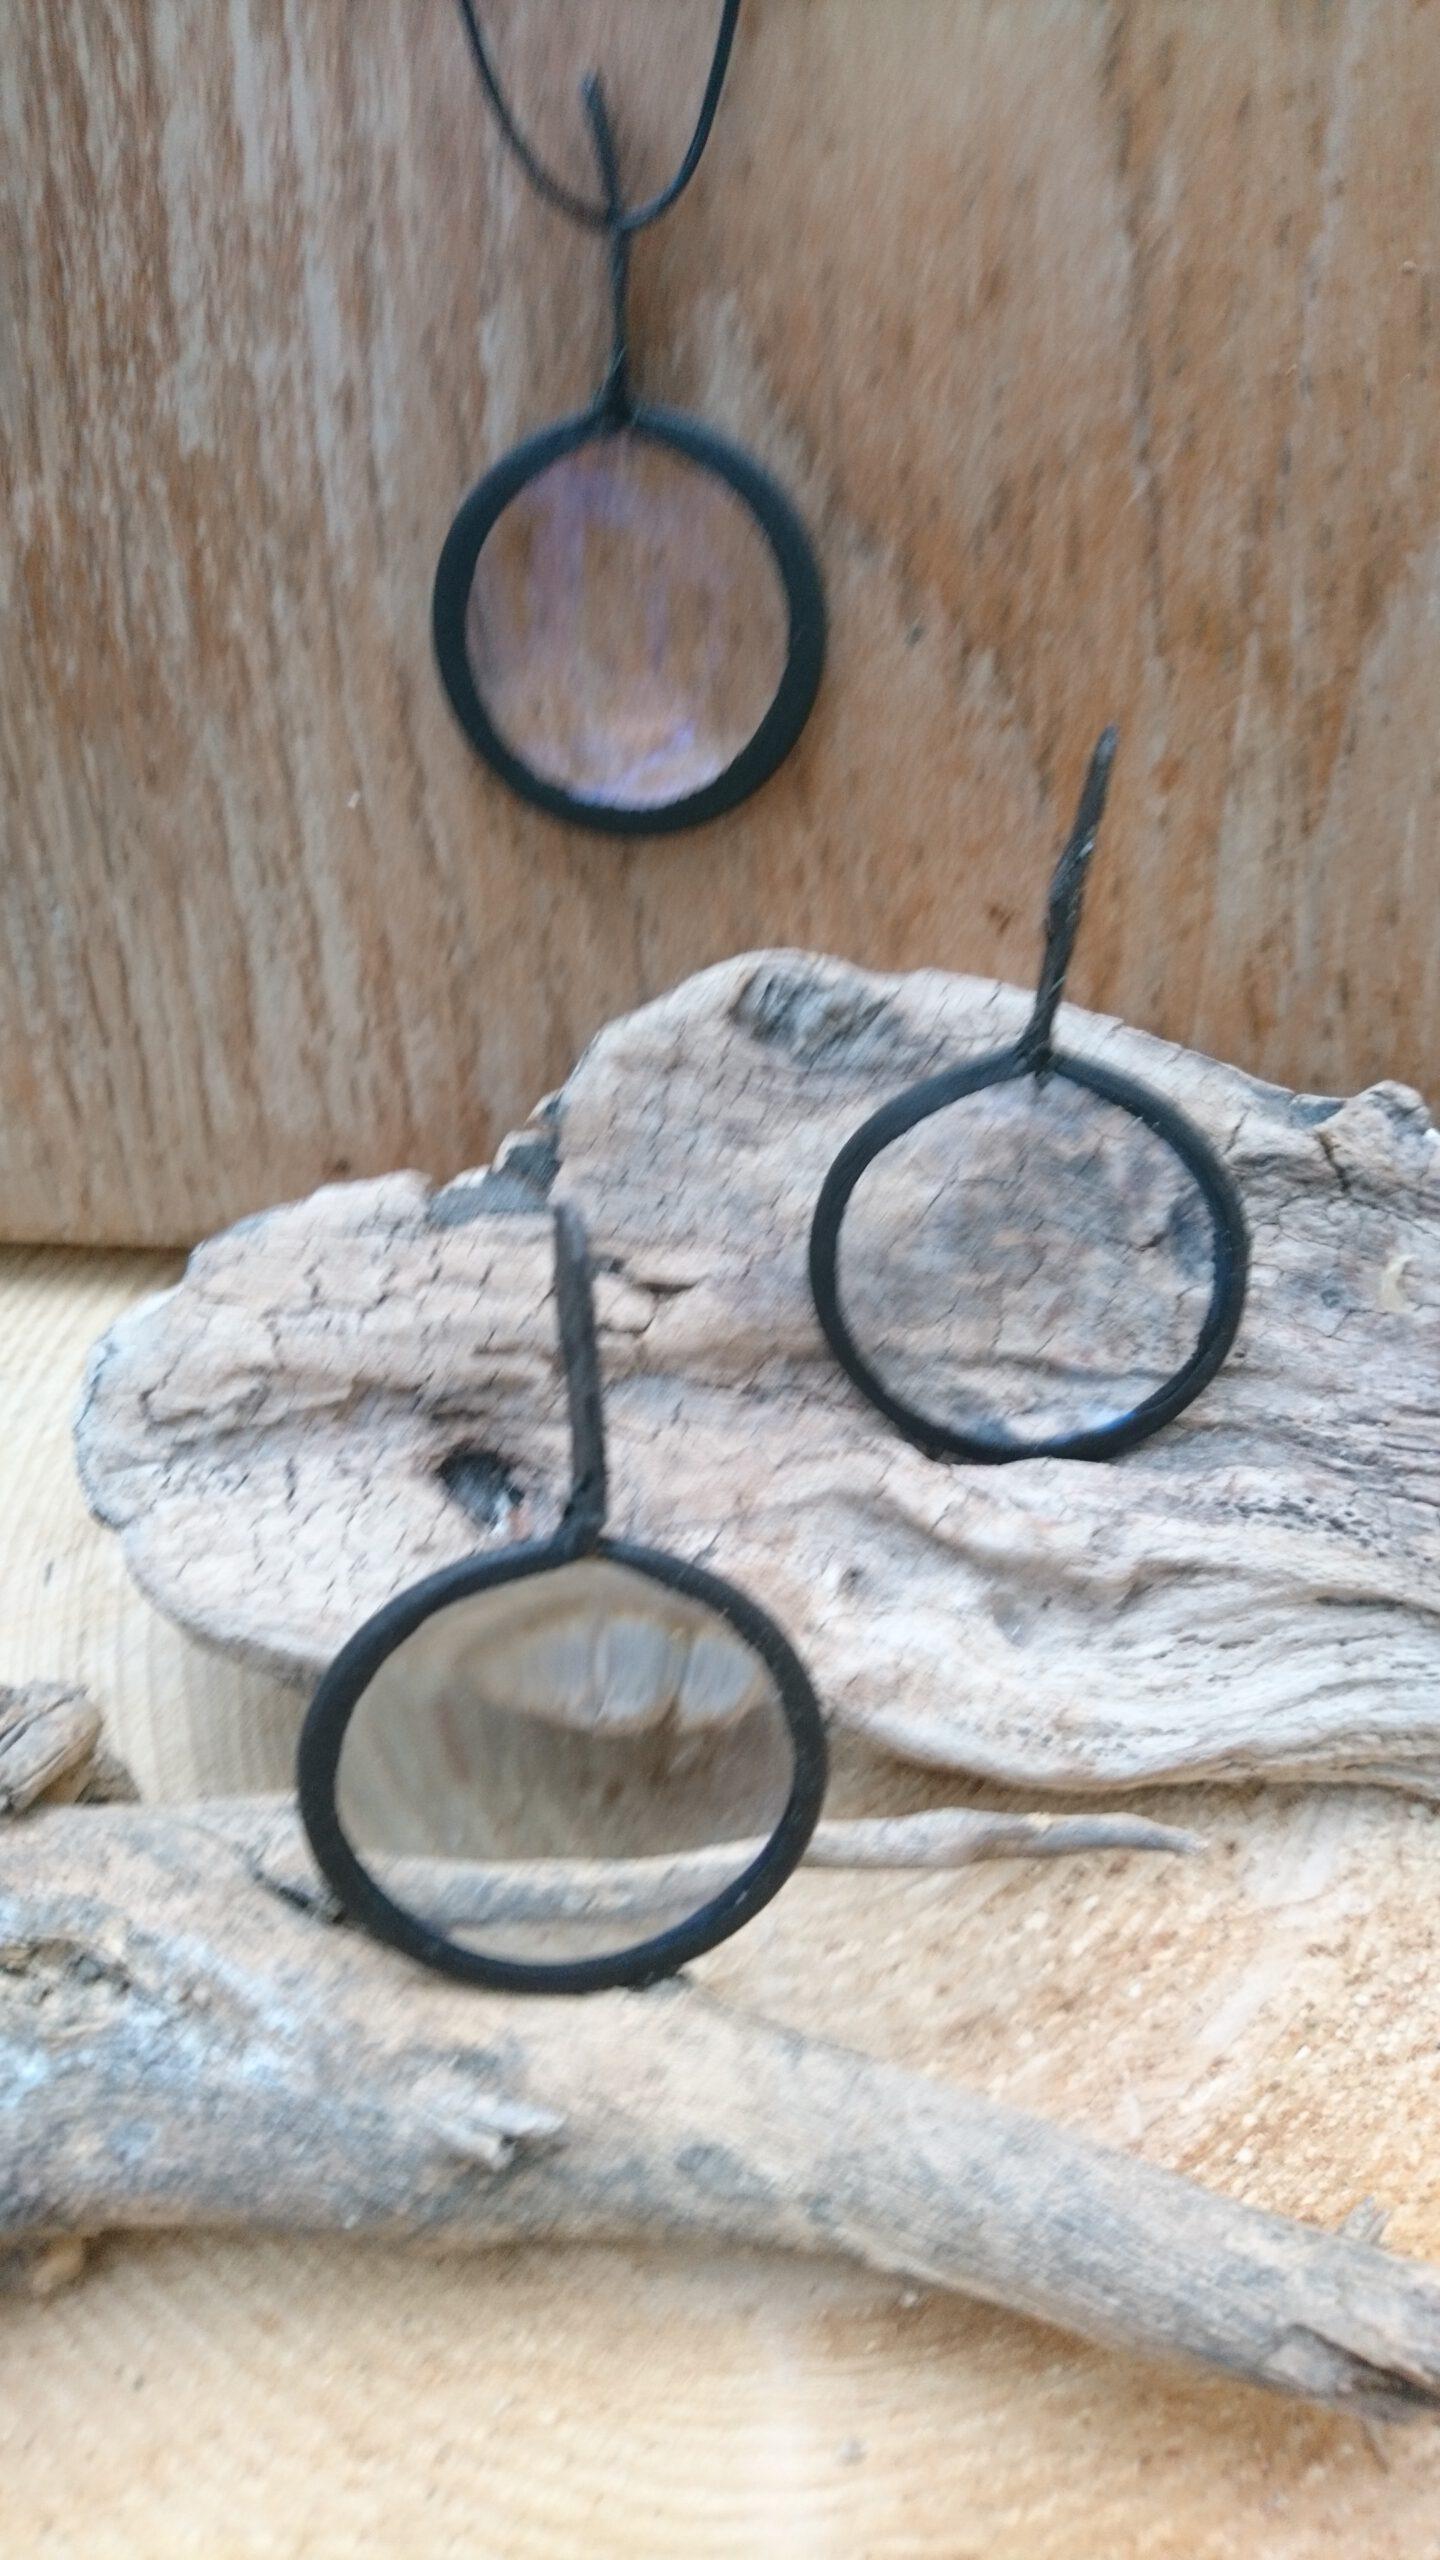 Vergrößerungsglas und Brennlinse